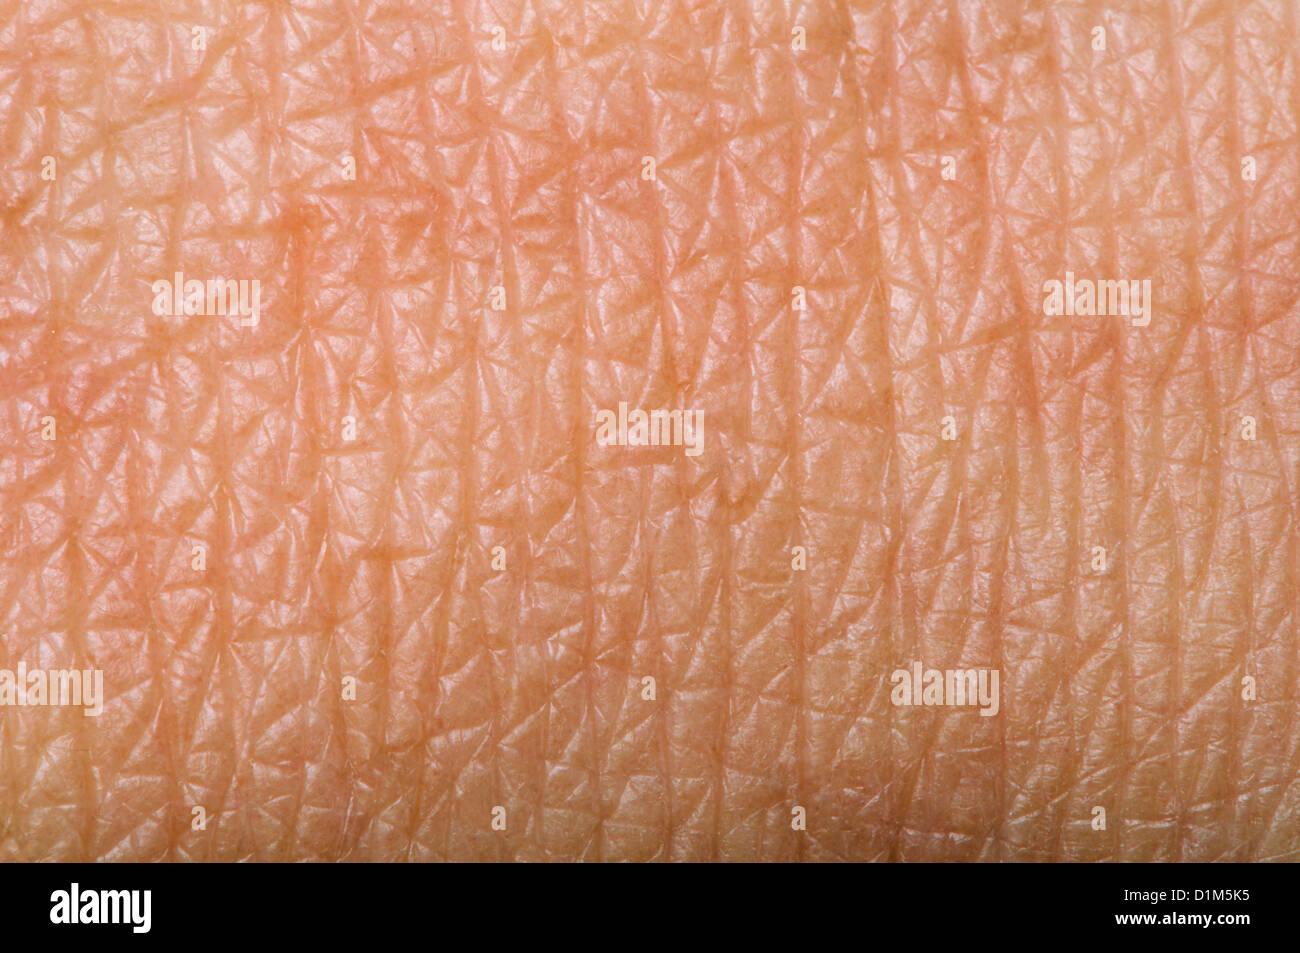 La pelle umana vicino. Struttura della pelle Immagini Stock